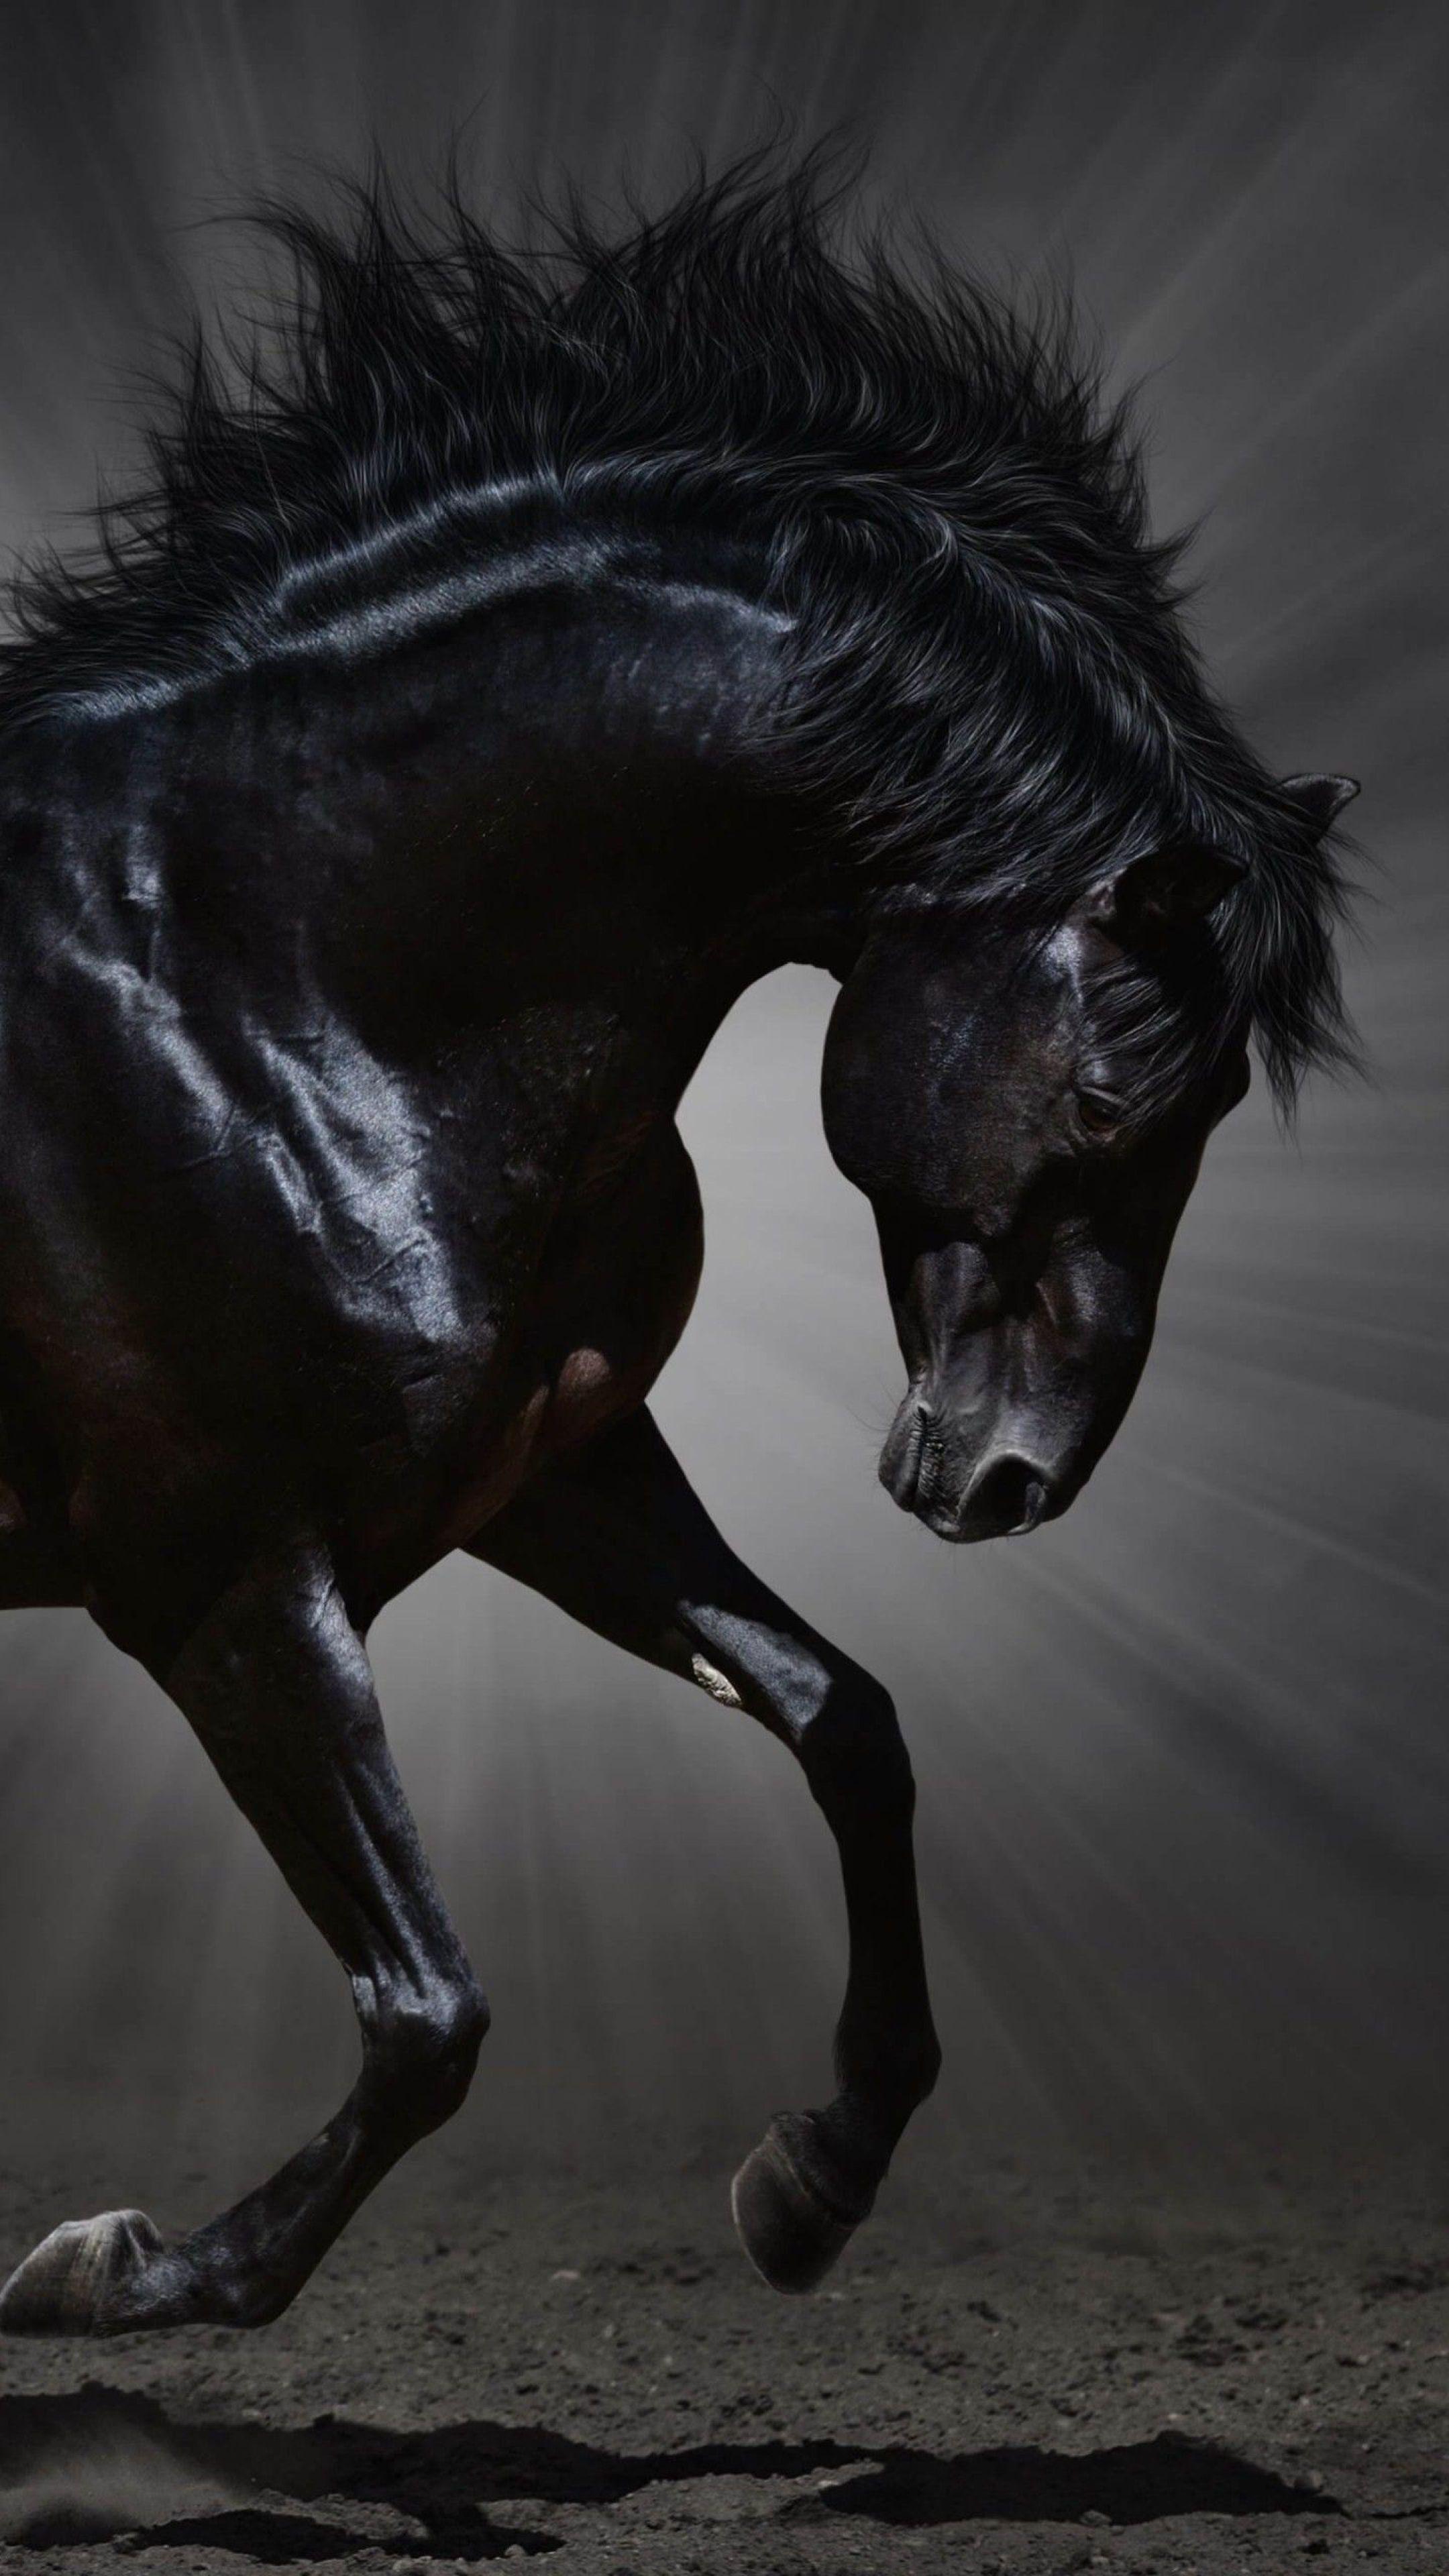 Cool Wallpaper Horse Samsung Galaxy - aac0702c5a45353ccdbc5e0250b5a544  Snapshot_381134.jpg